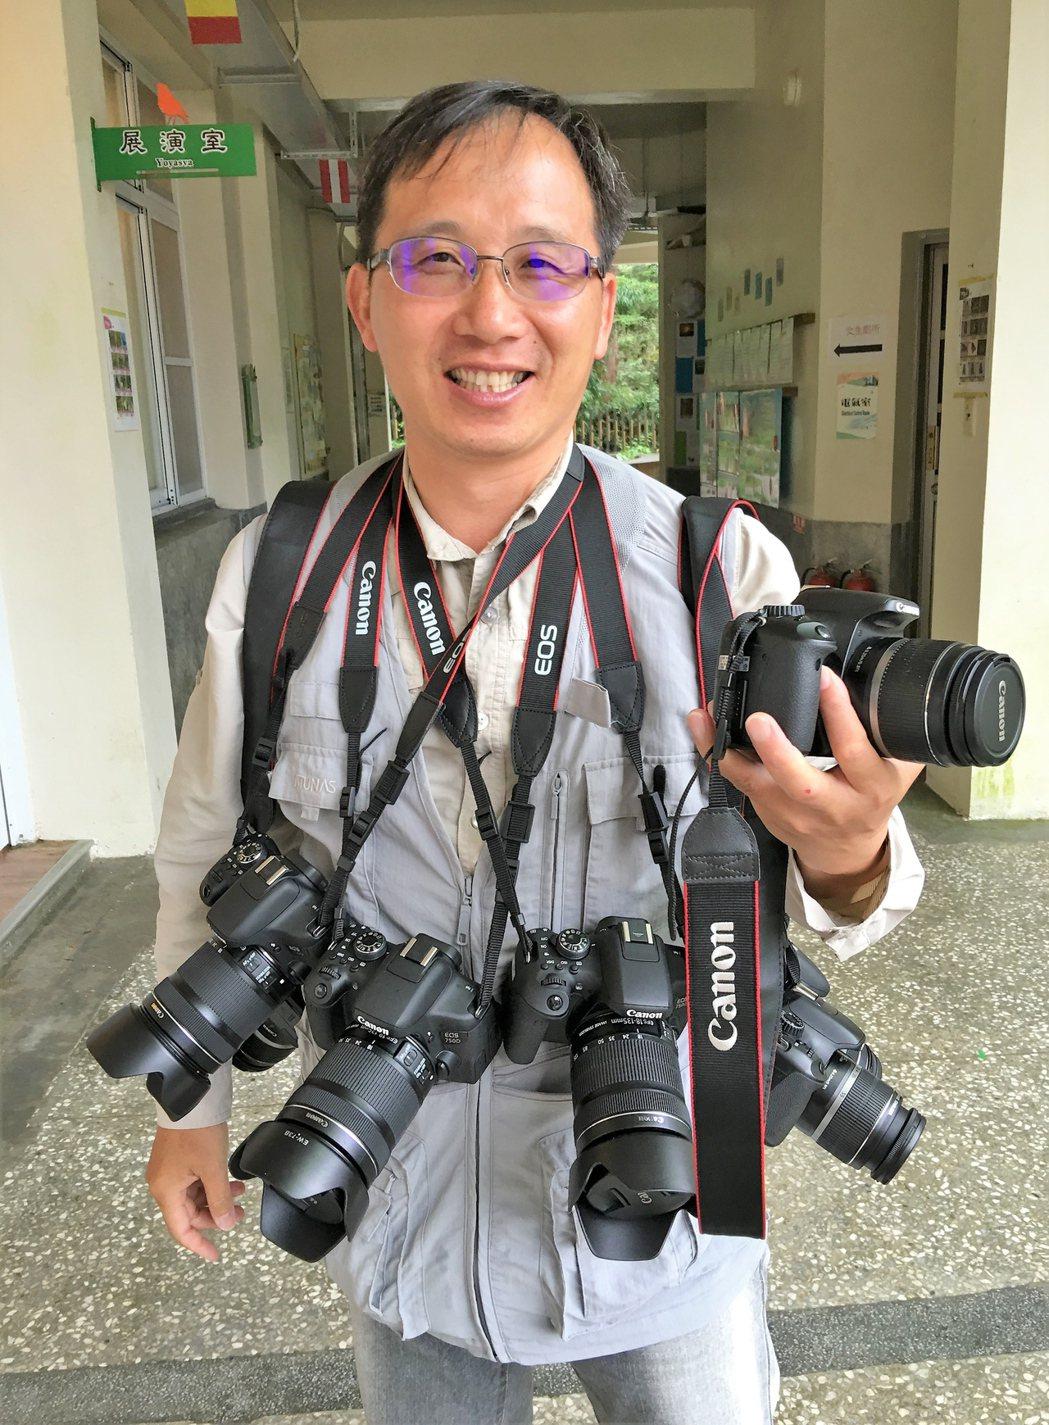 黃源明攝影紀錄阿里山30多年,退休後花更多時間享受攝影。 圖/黃源明提供